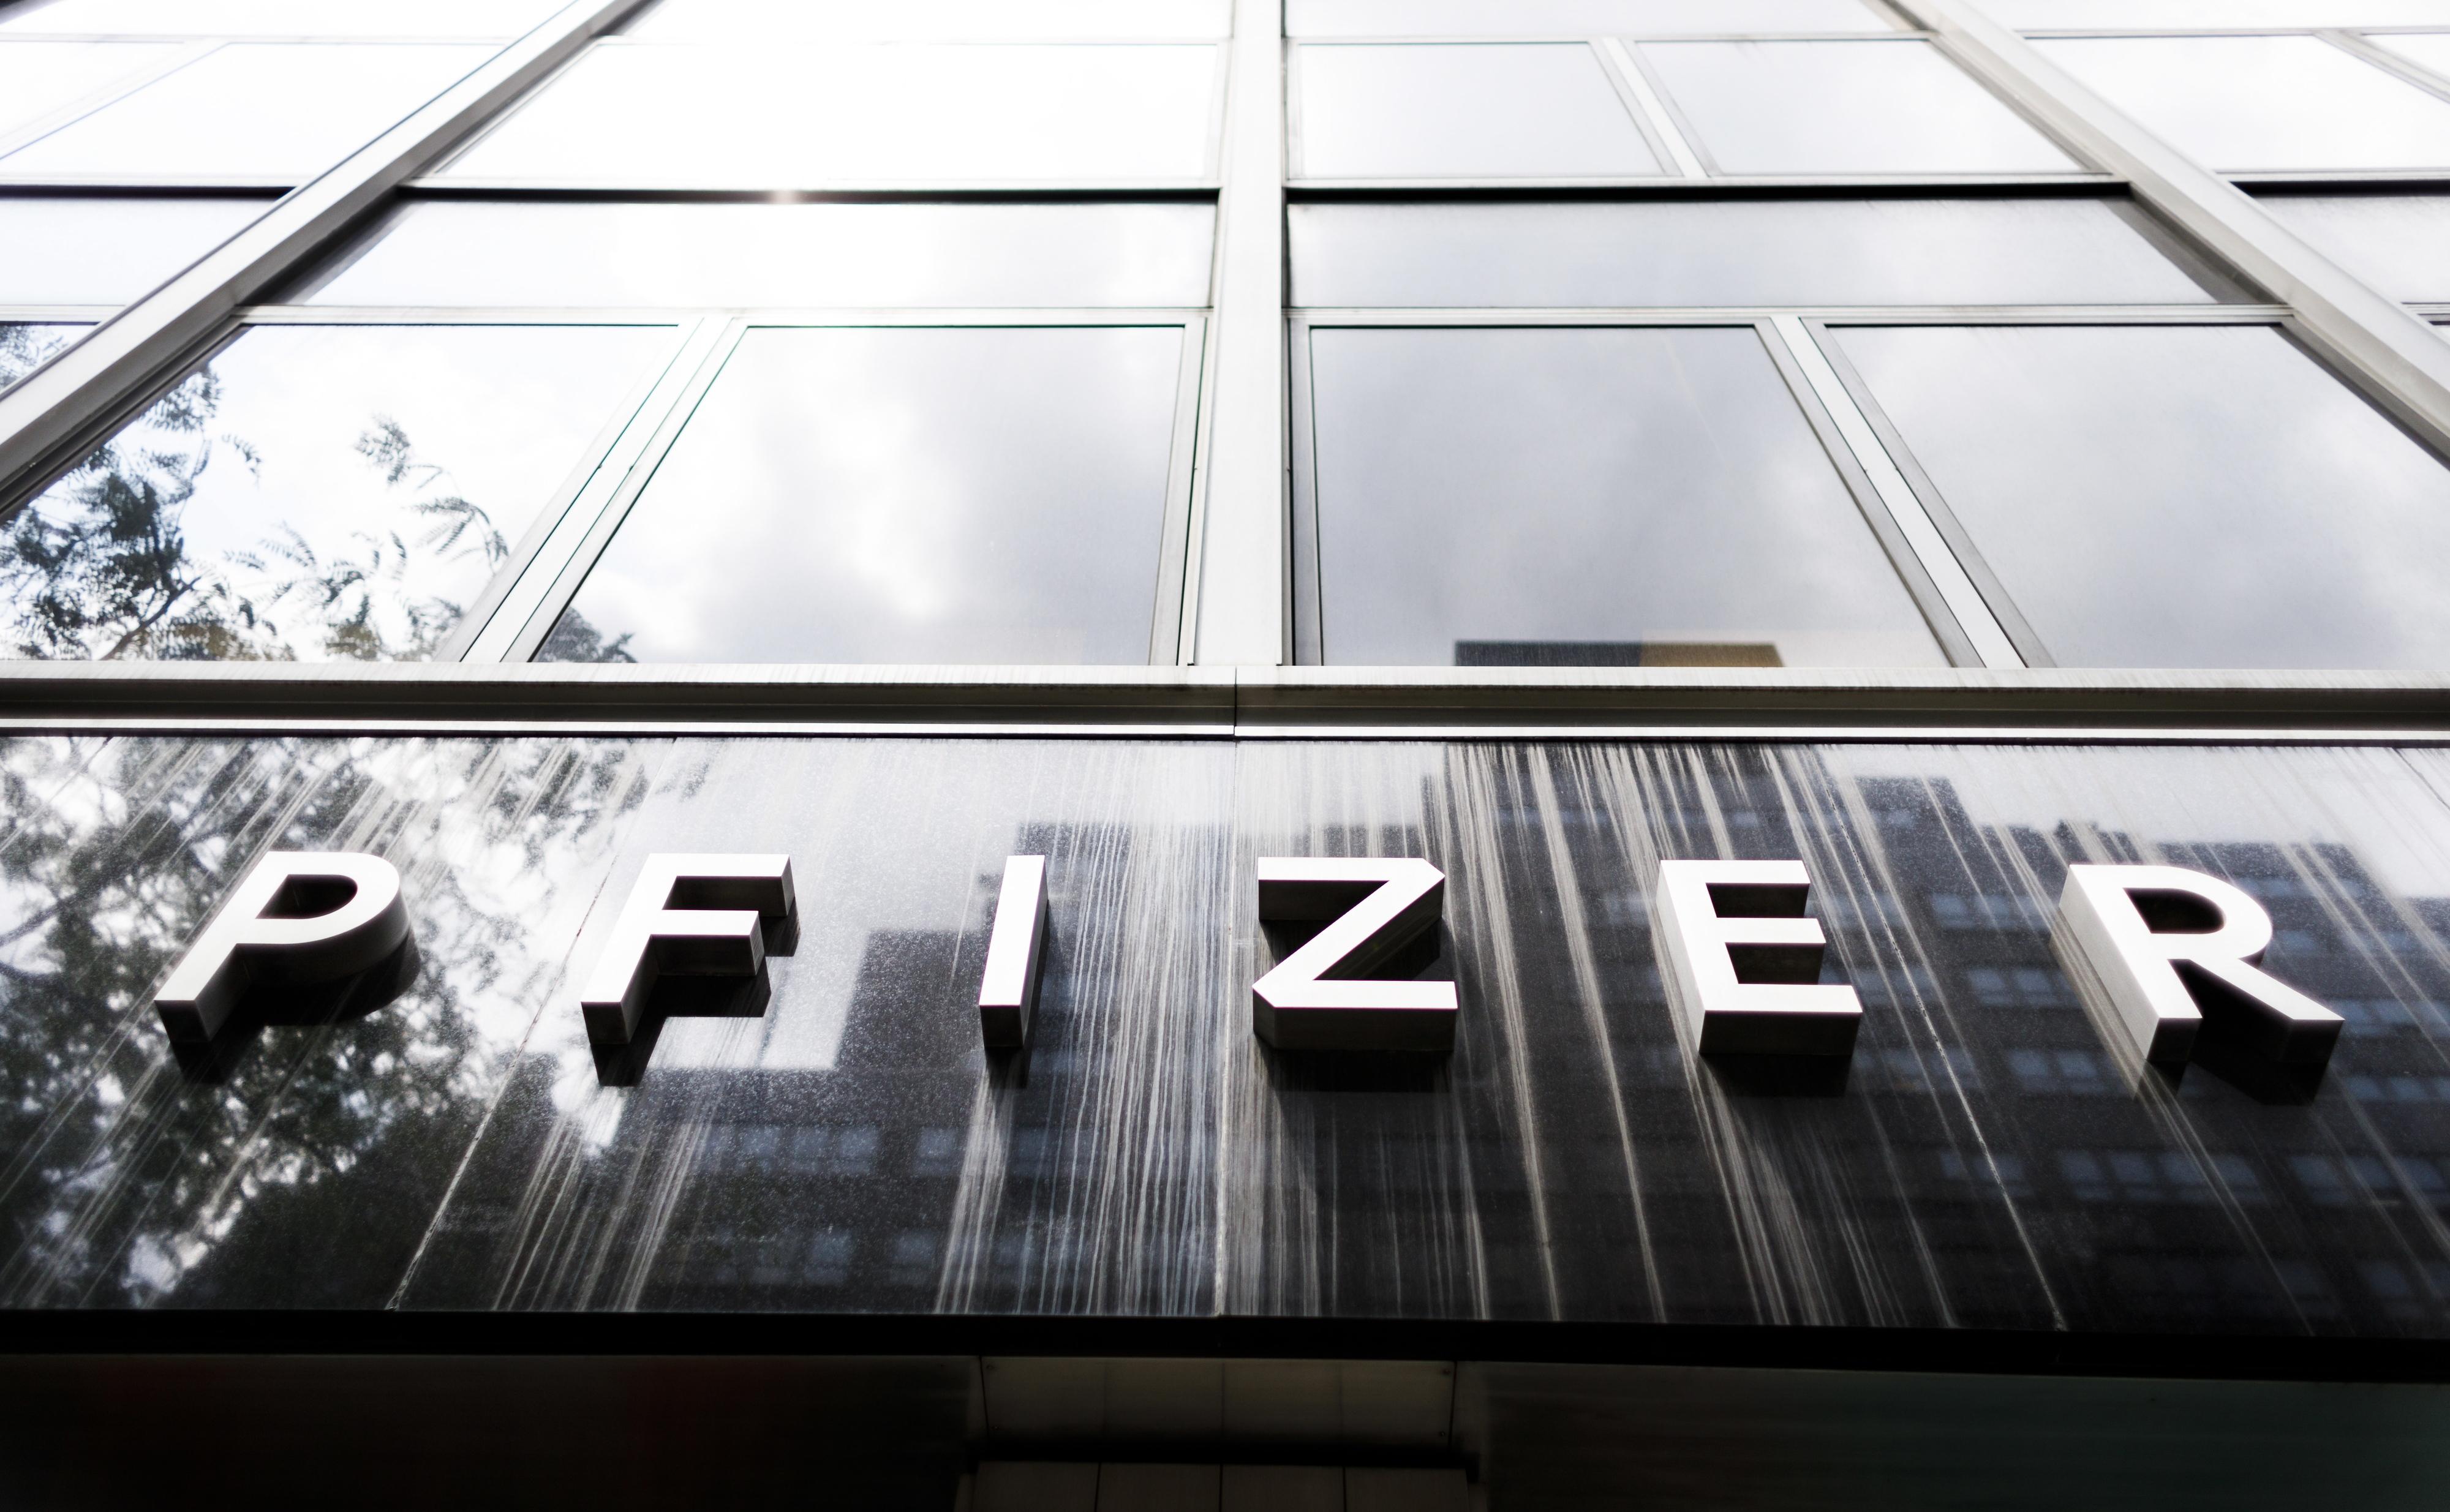 Prémios Pfizer distinguem investigação sobre bactérias, antibióticos e cancro